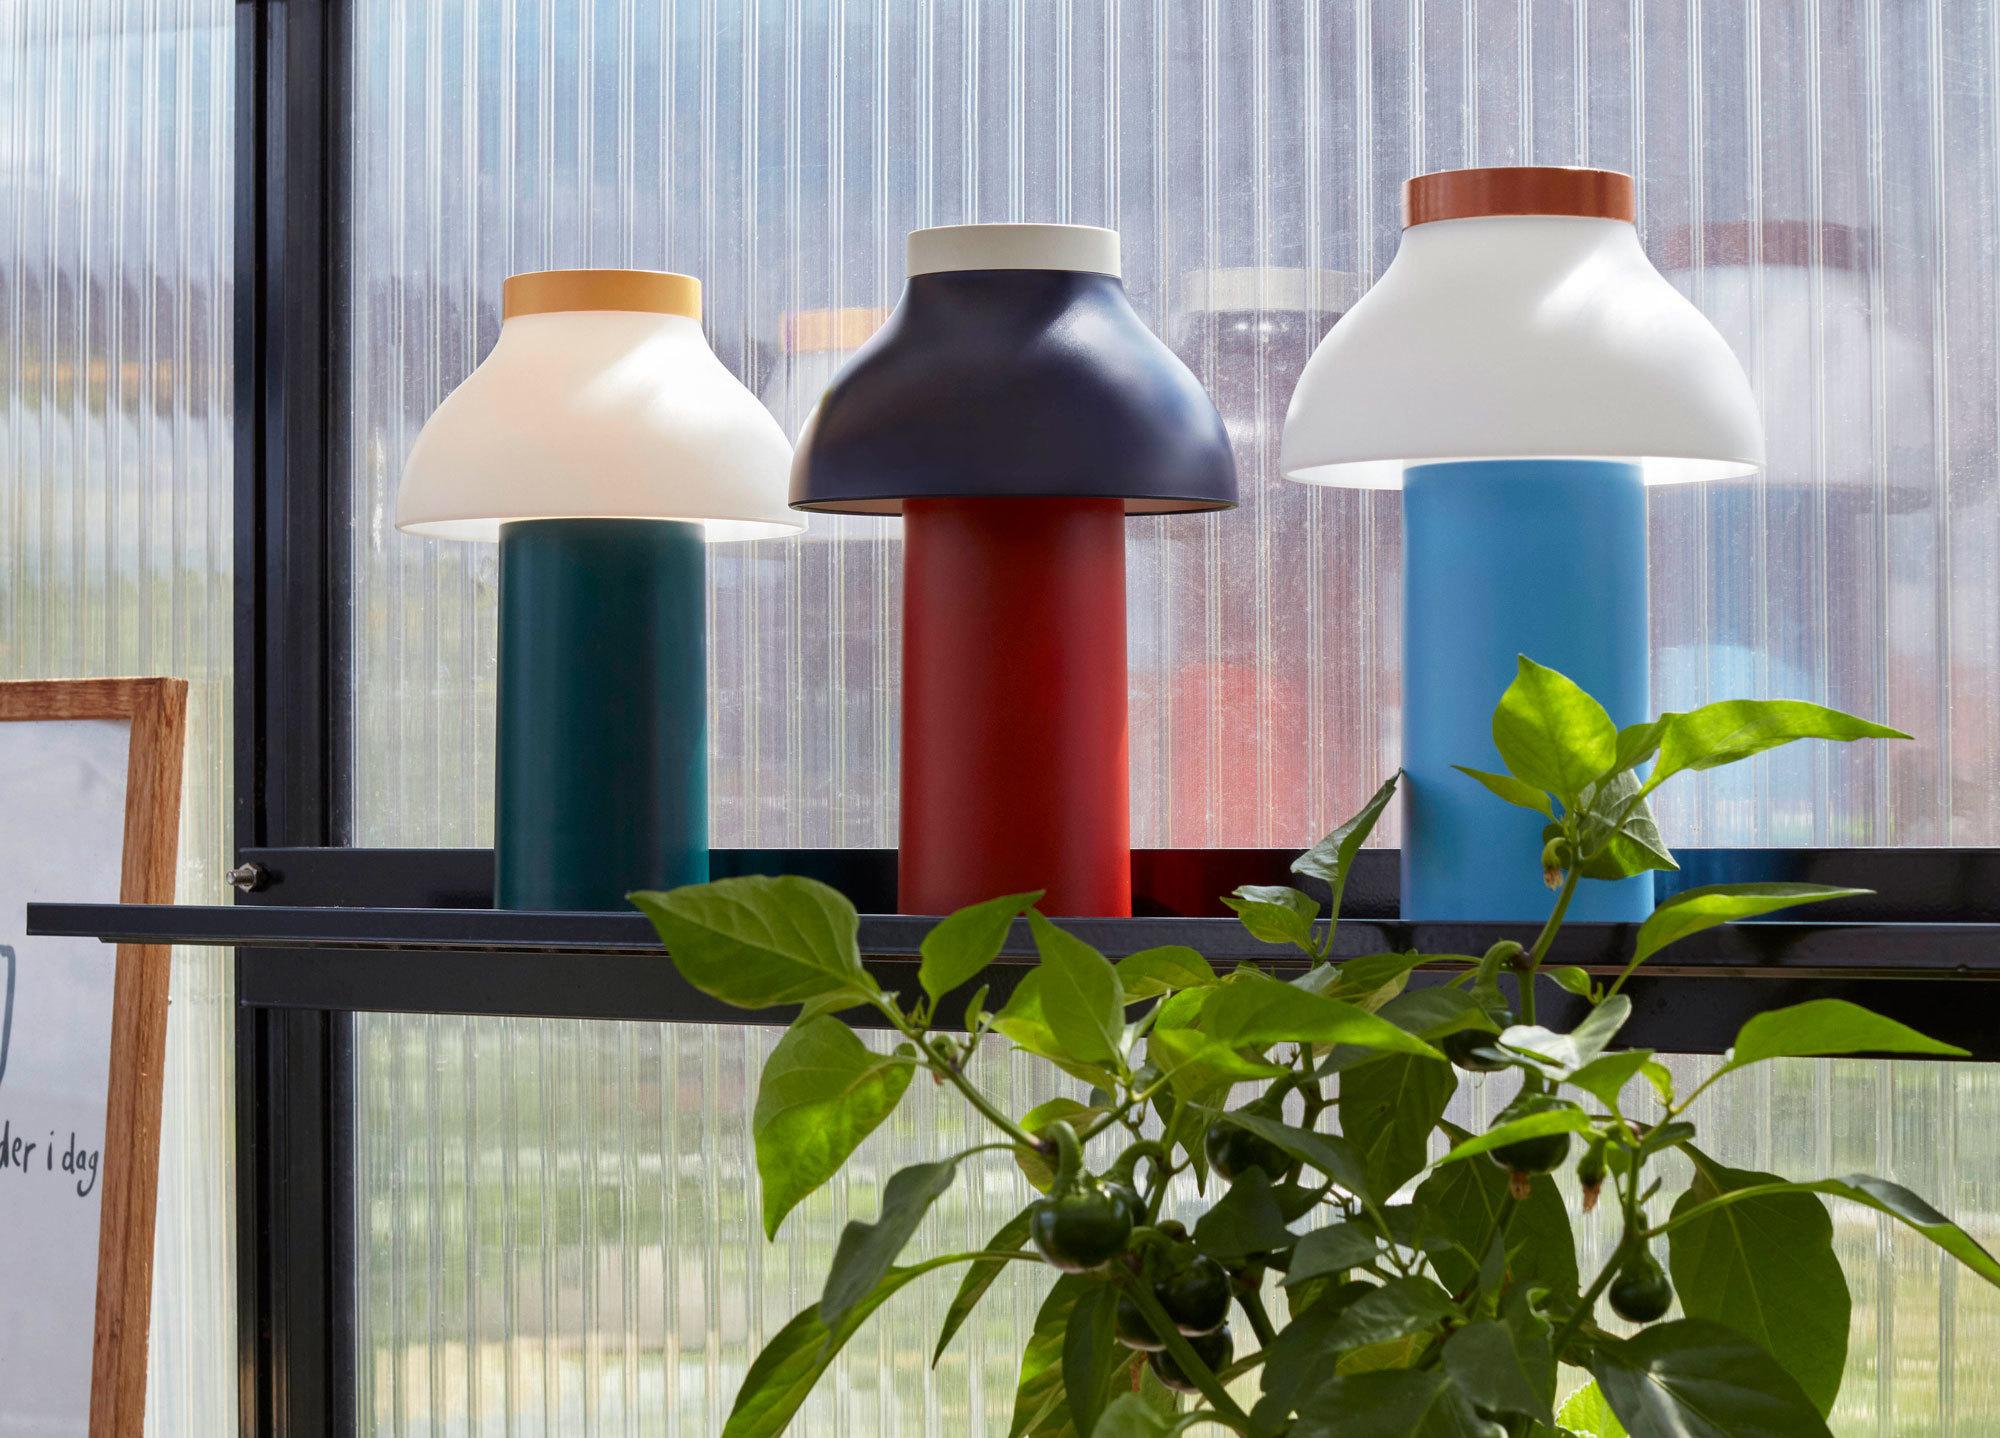 Leuchte zum Mitnehmen: Der kabellose Entwurf von Pierre Charpin für Hay eignet sich ebenso für das Wohnzimmer wie für den Balkon und Garten.